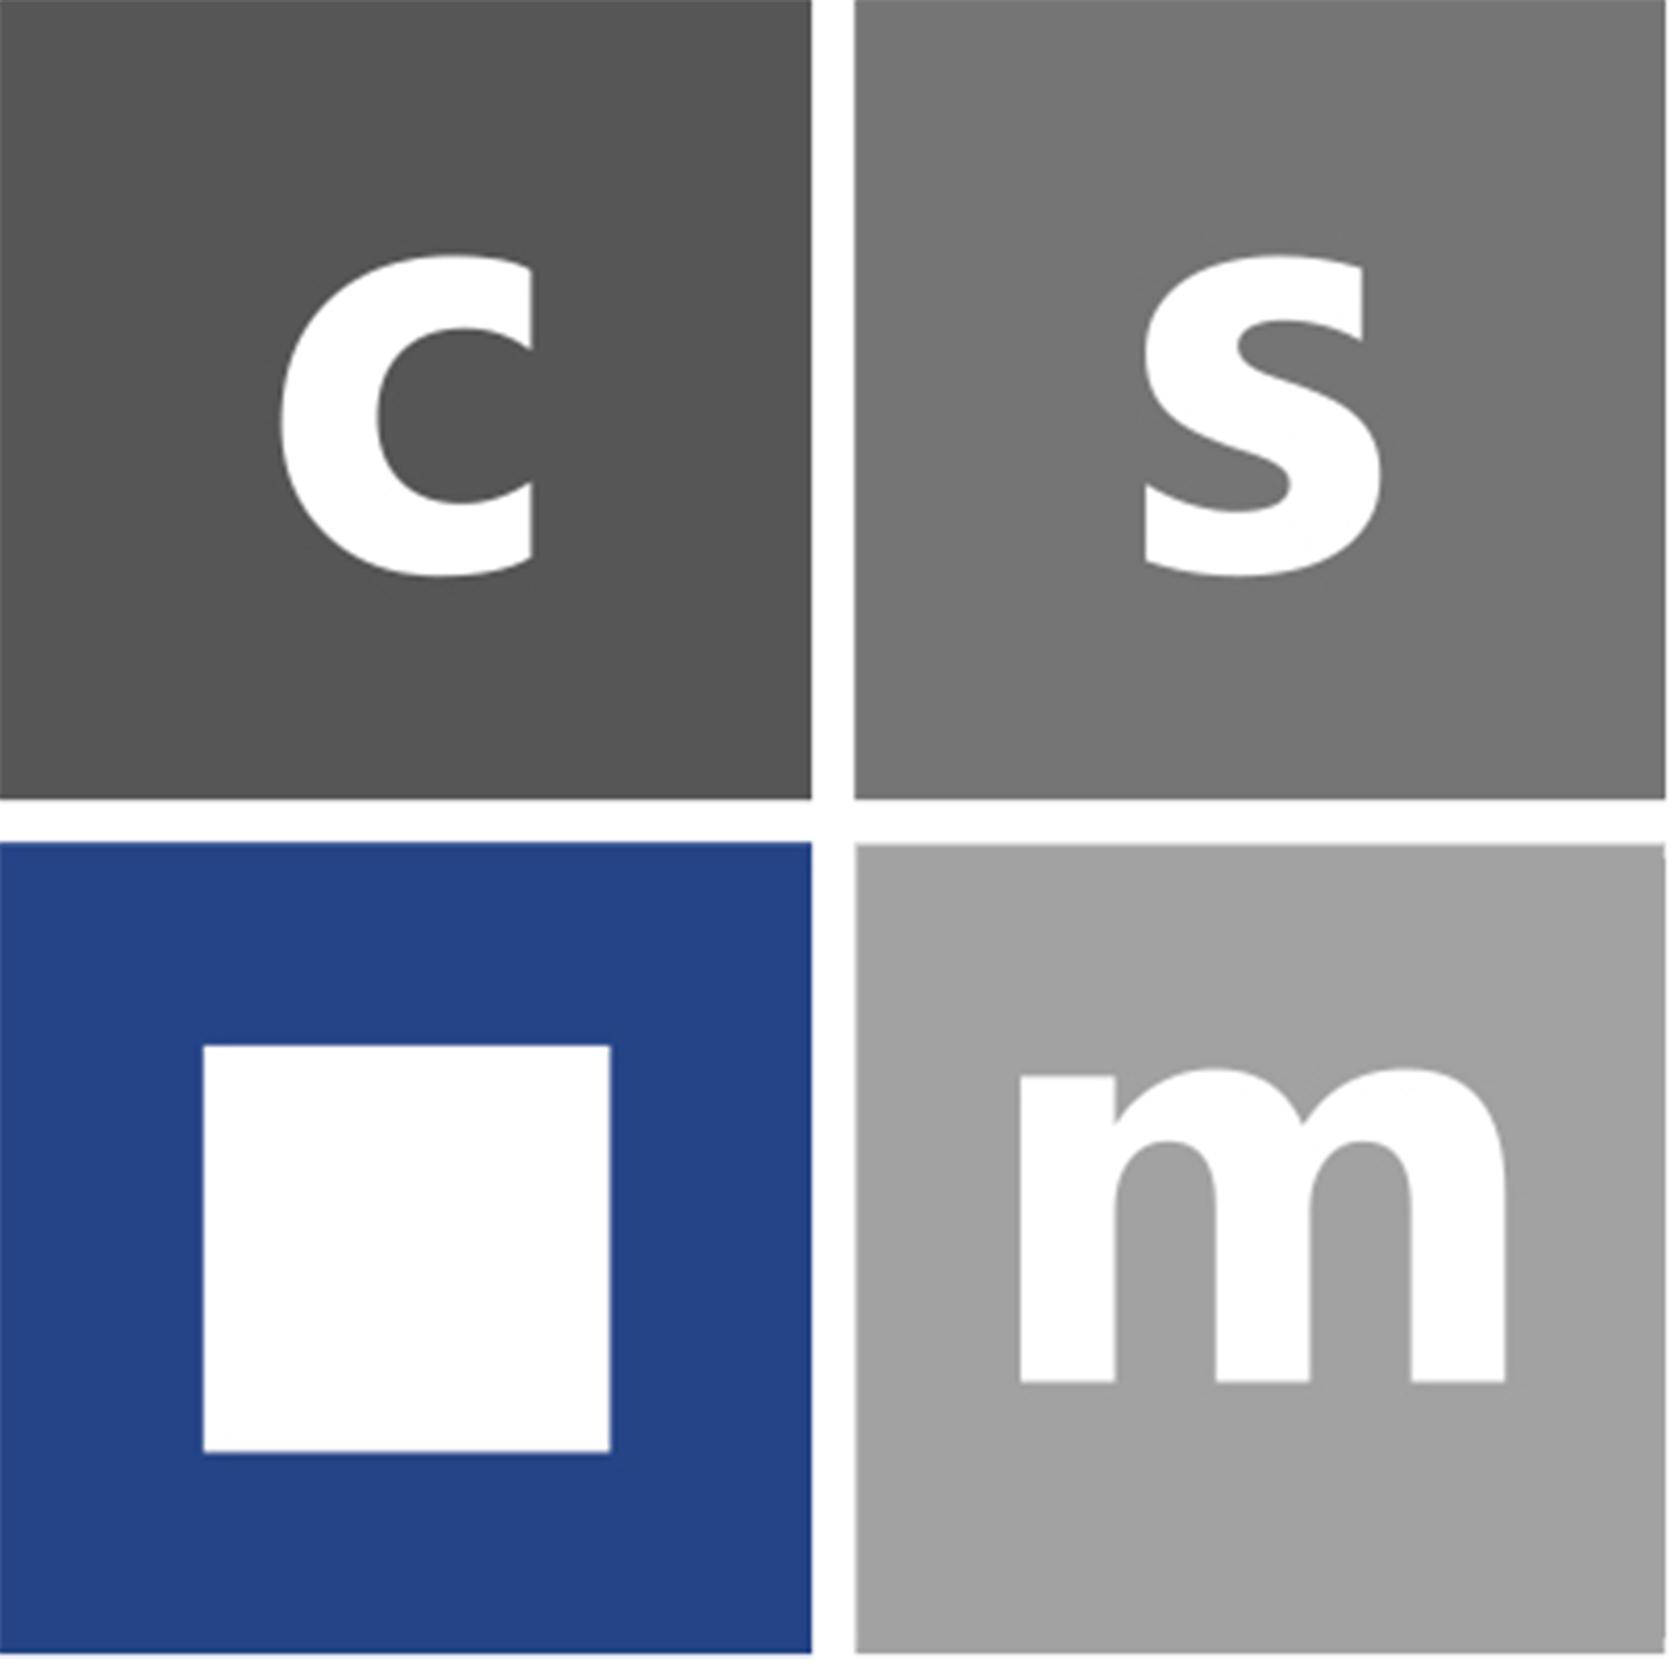 csmlogo-no-words-HR